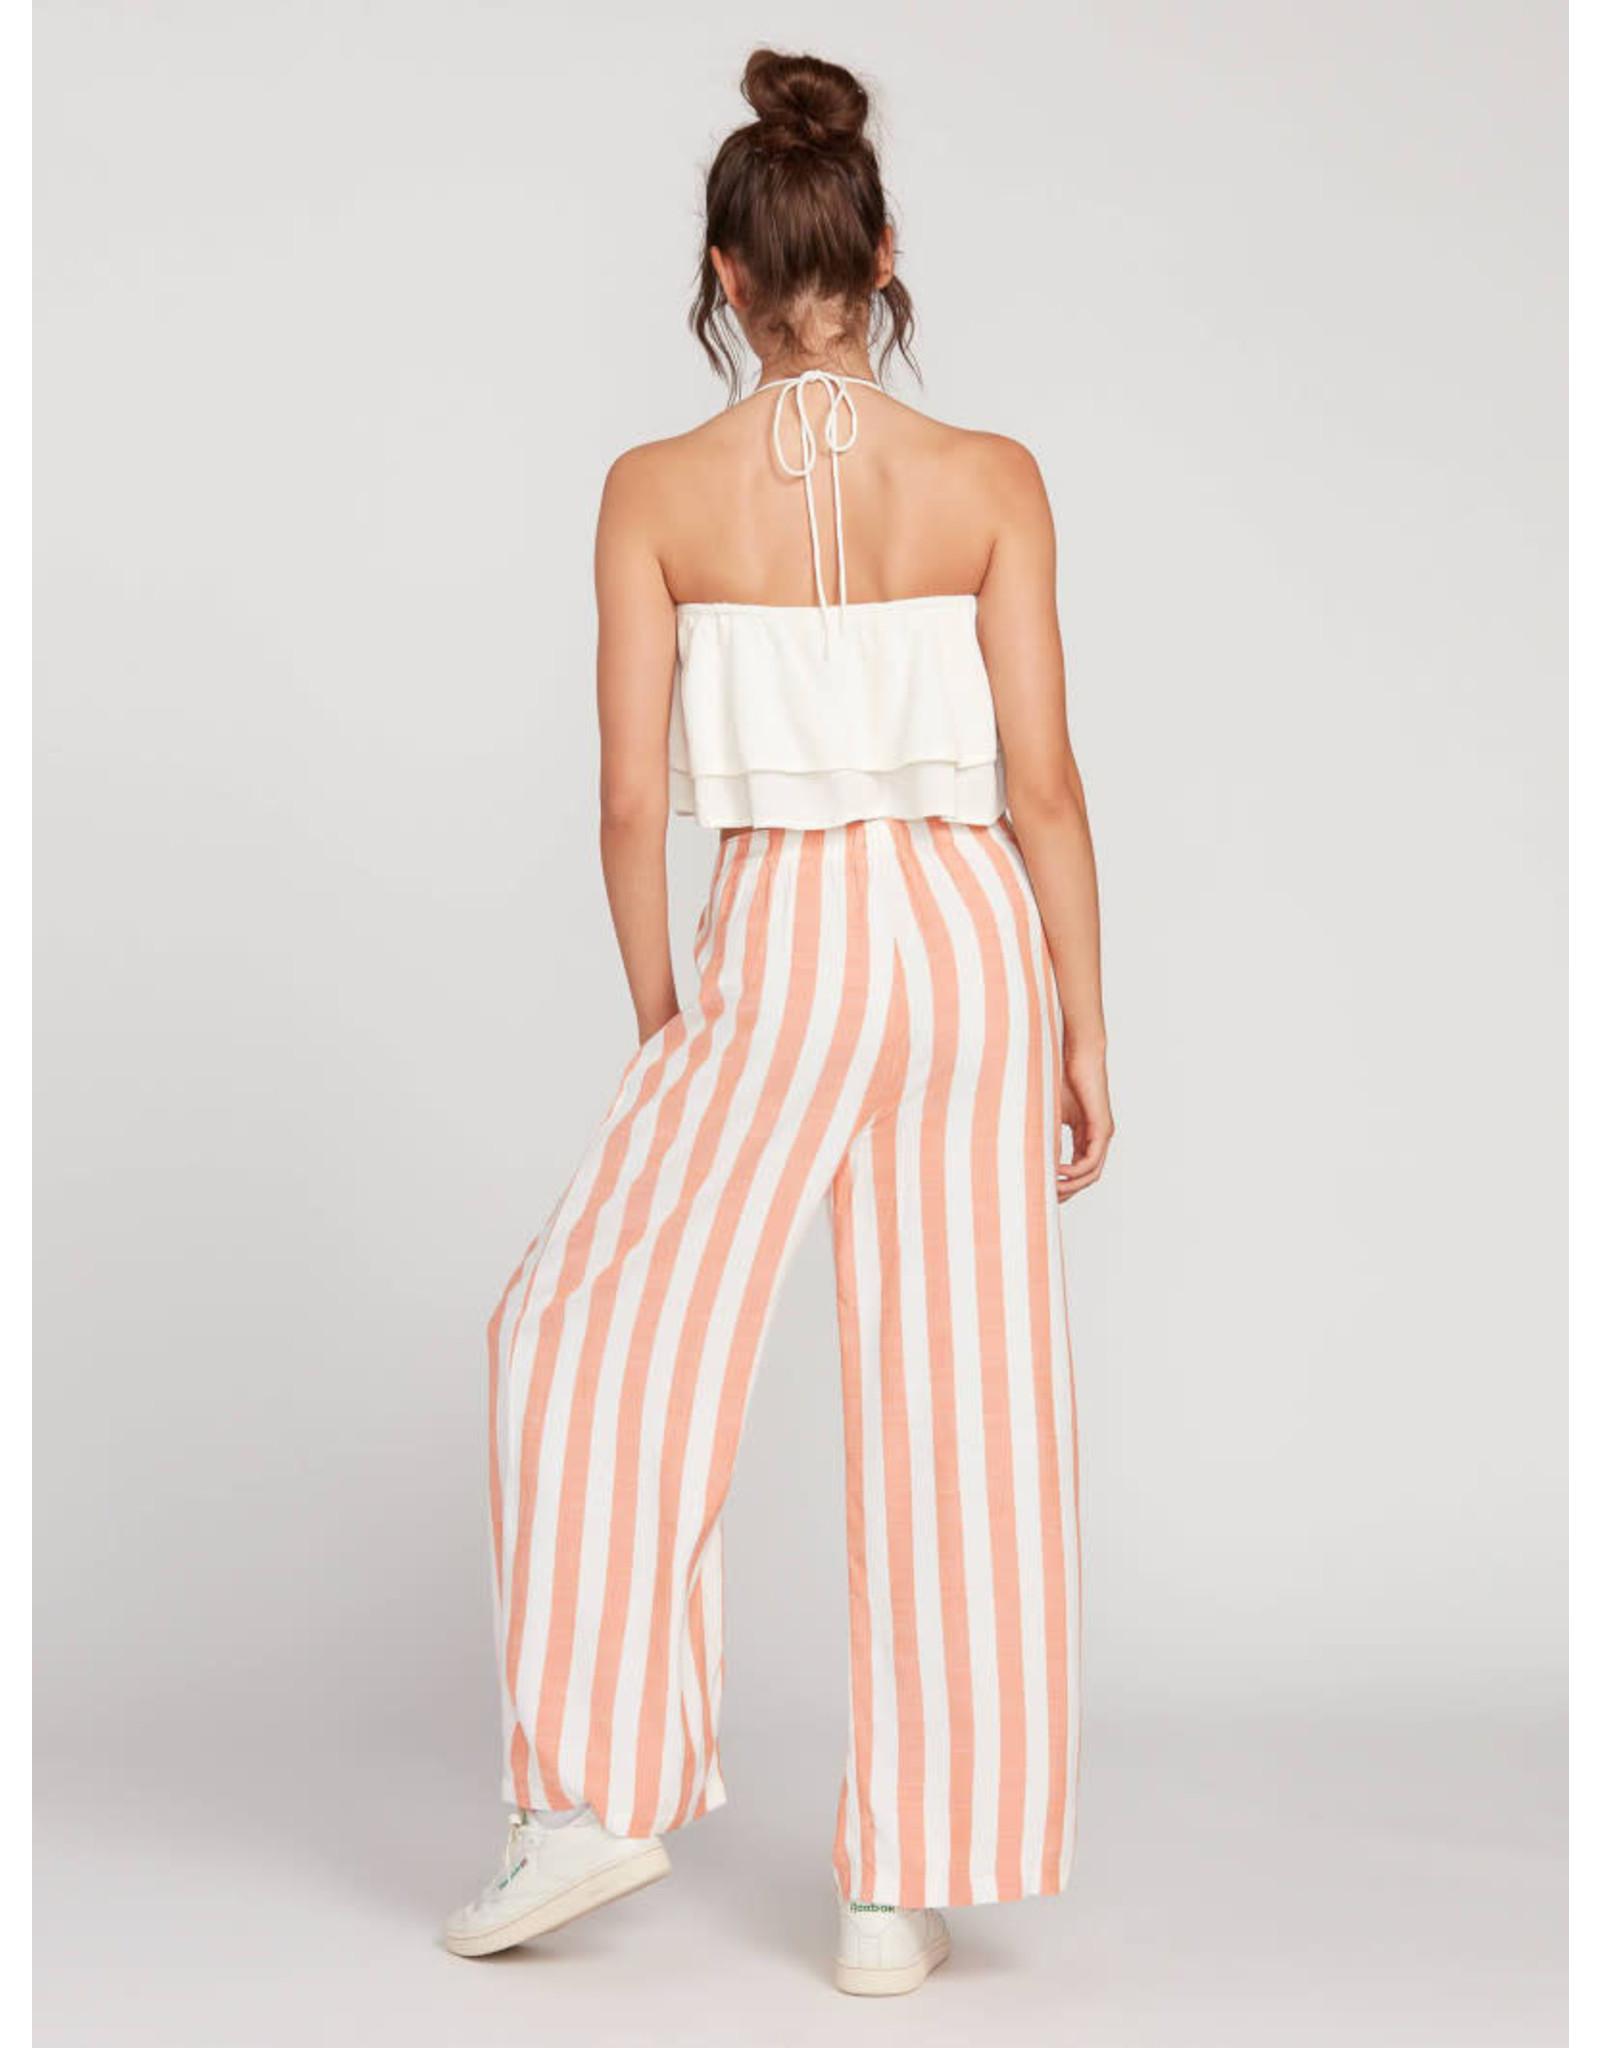 Volcom Volcom Coco Ho Beach Pant